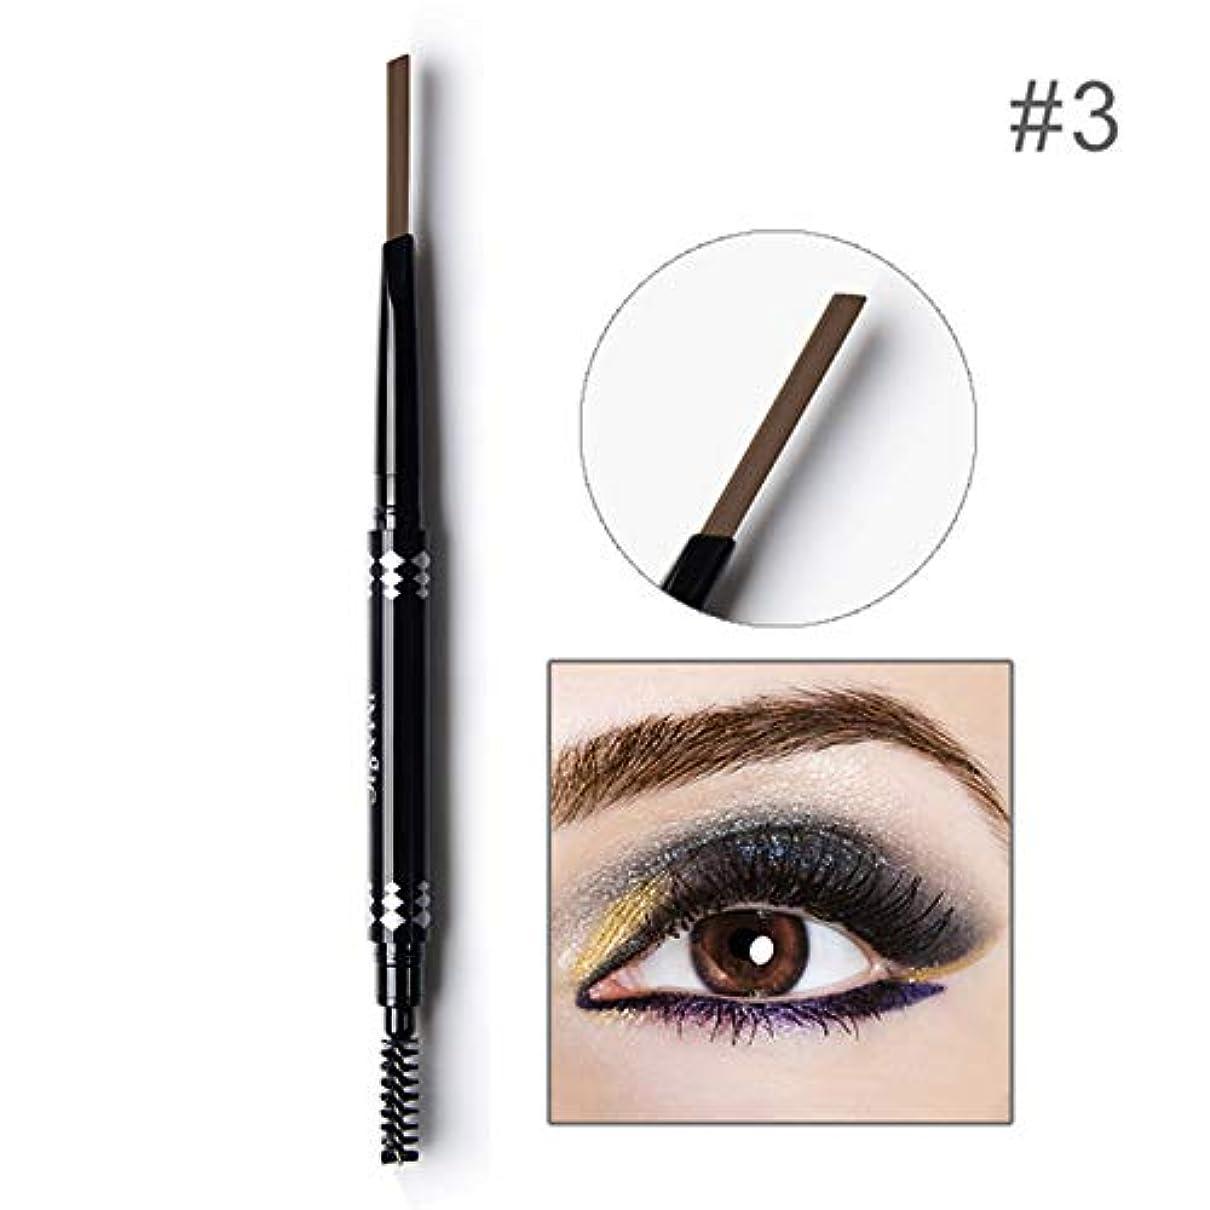 わなシェトランド諸島確認Symboat レディース アイブロウペンシル 化粧 自動眉ペンシル 防水 眉ブラシツール 日常化粧品 眉筆 上品 落ちにくい プロ仕様 初心者